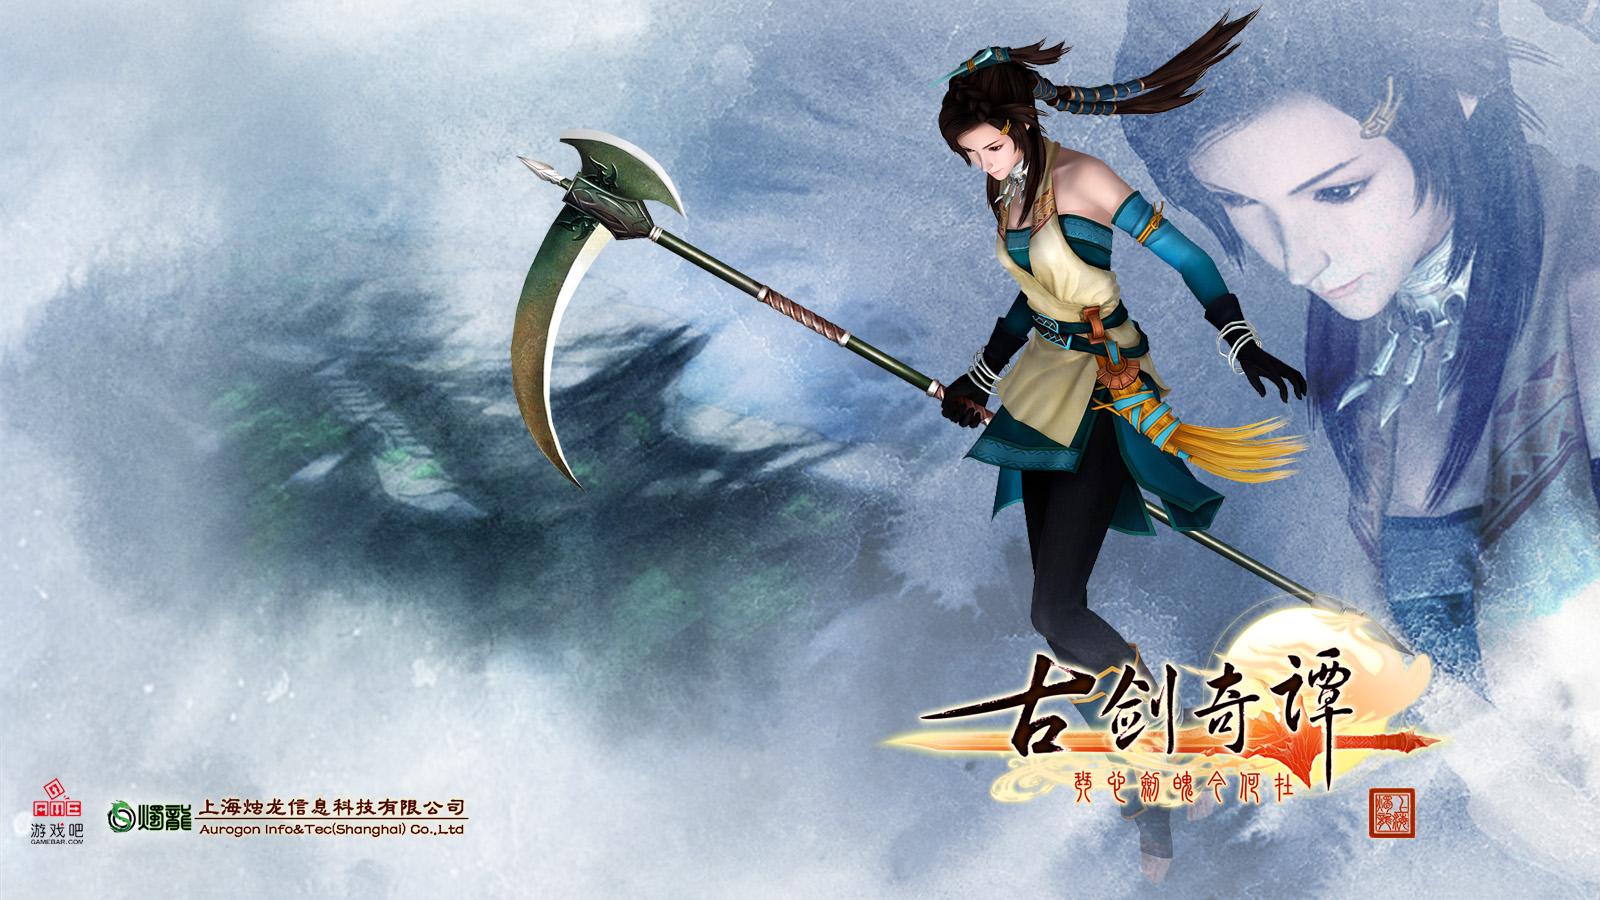 仙剑4团队新作《古剑奇谭》女主角登场(图)图片